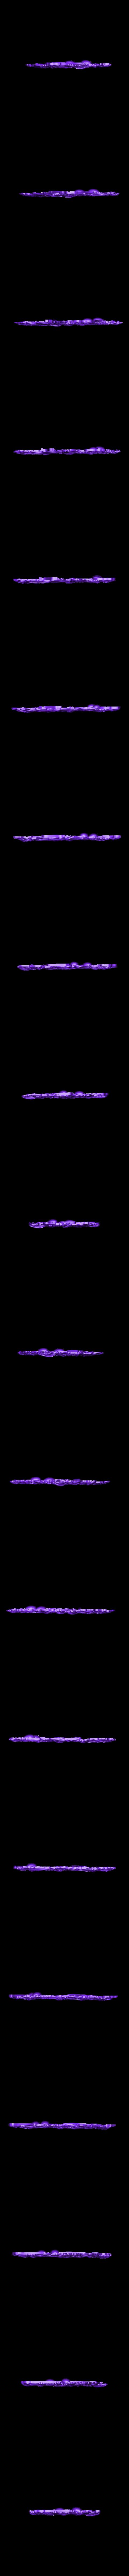 923. Panno.STL Télécharger fichier STL gratuit Hibou • Design à imprimer en 3D, stl3dmodel